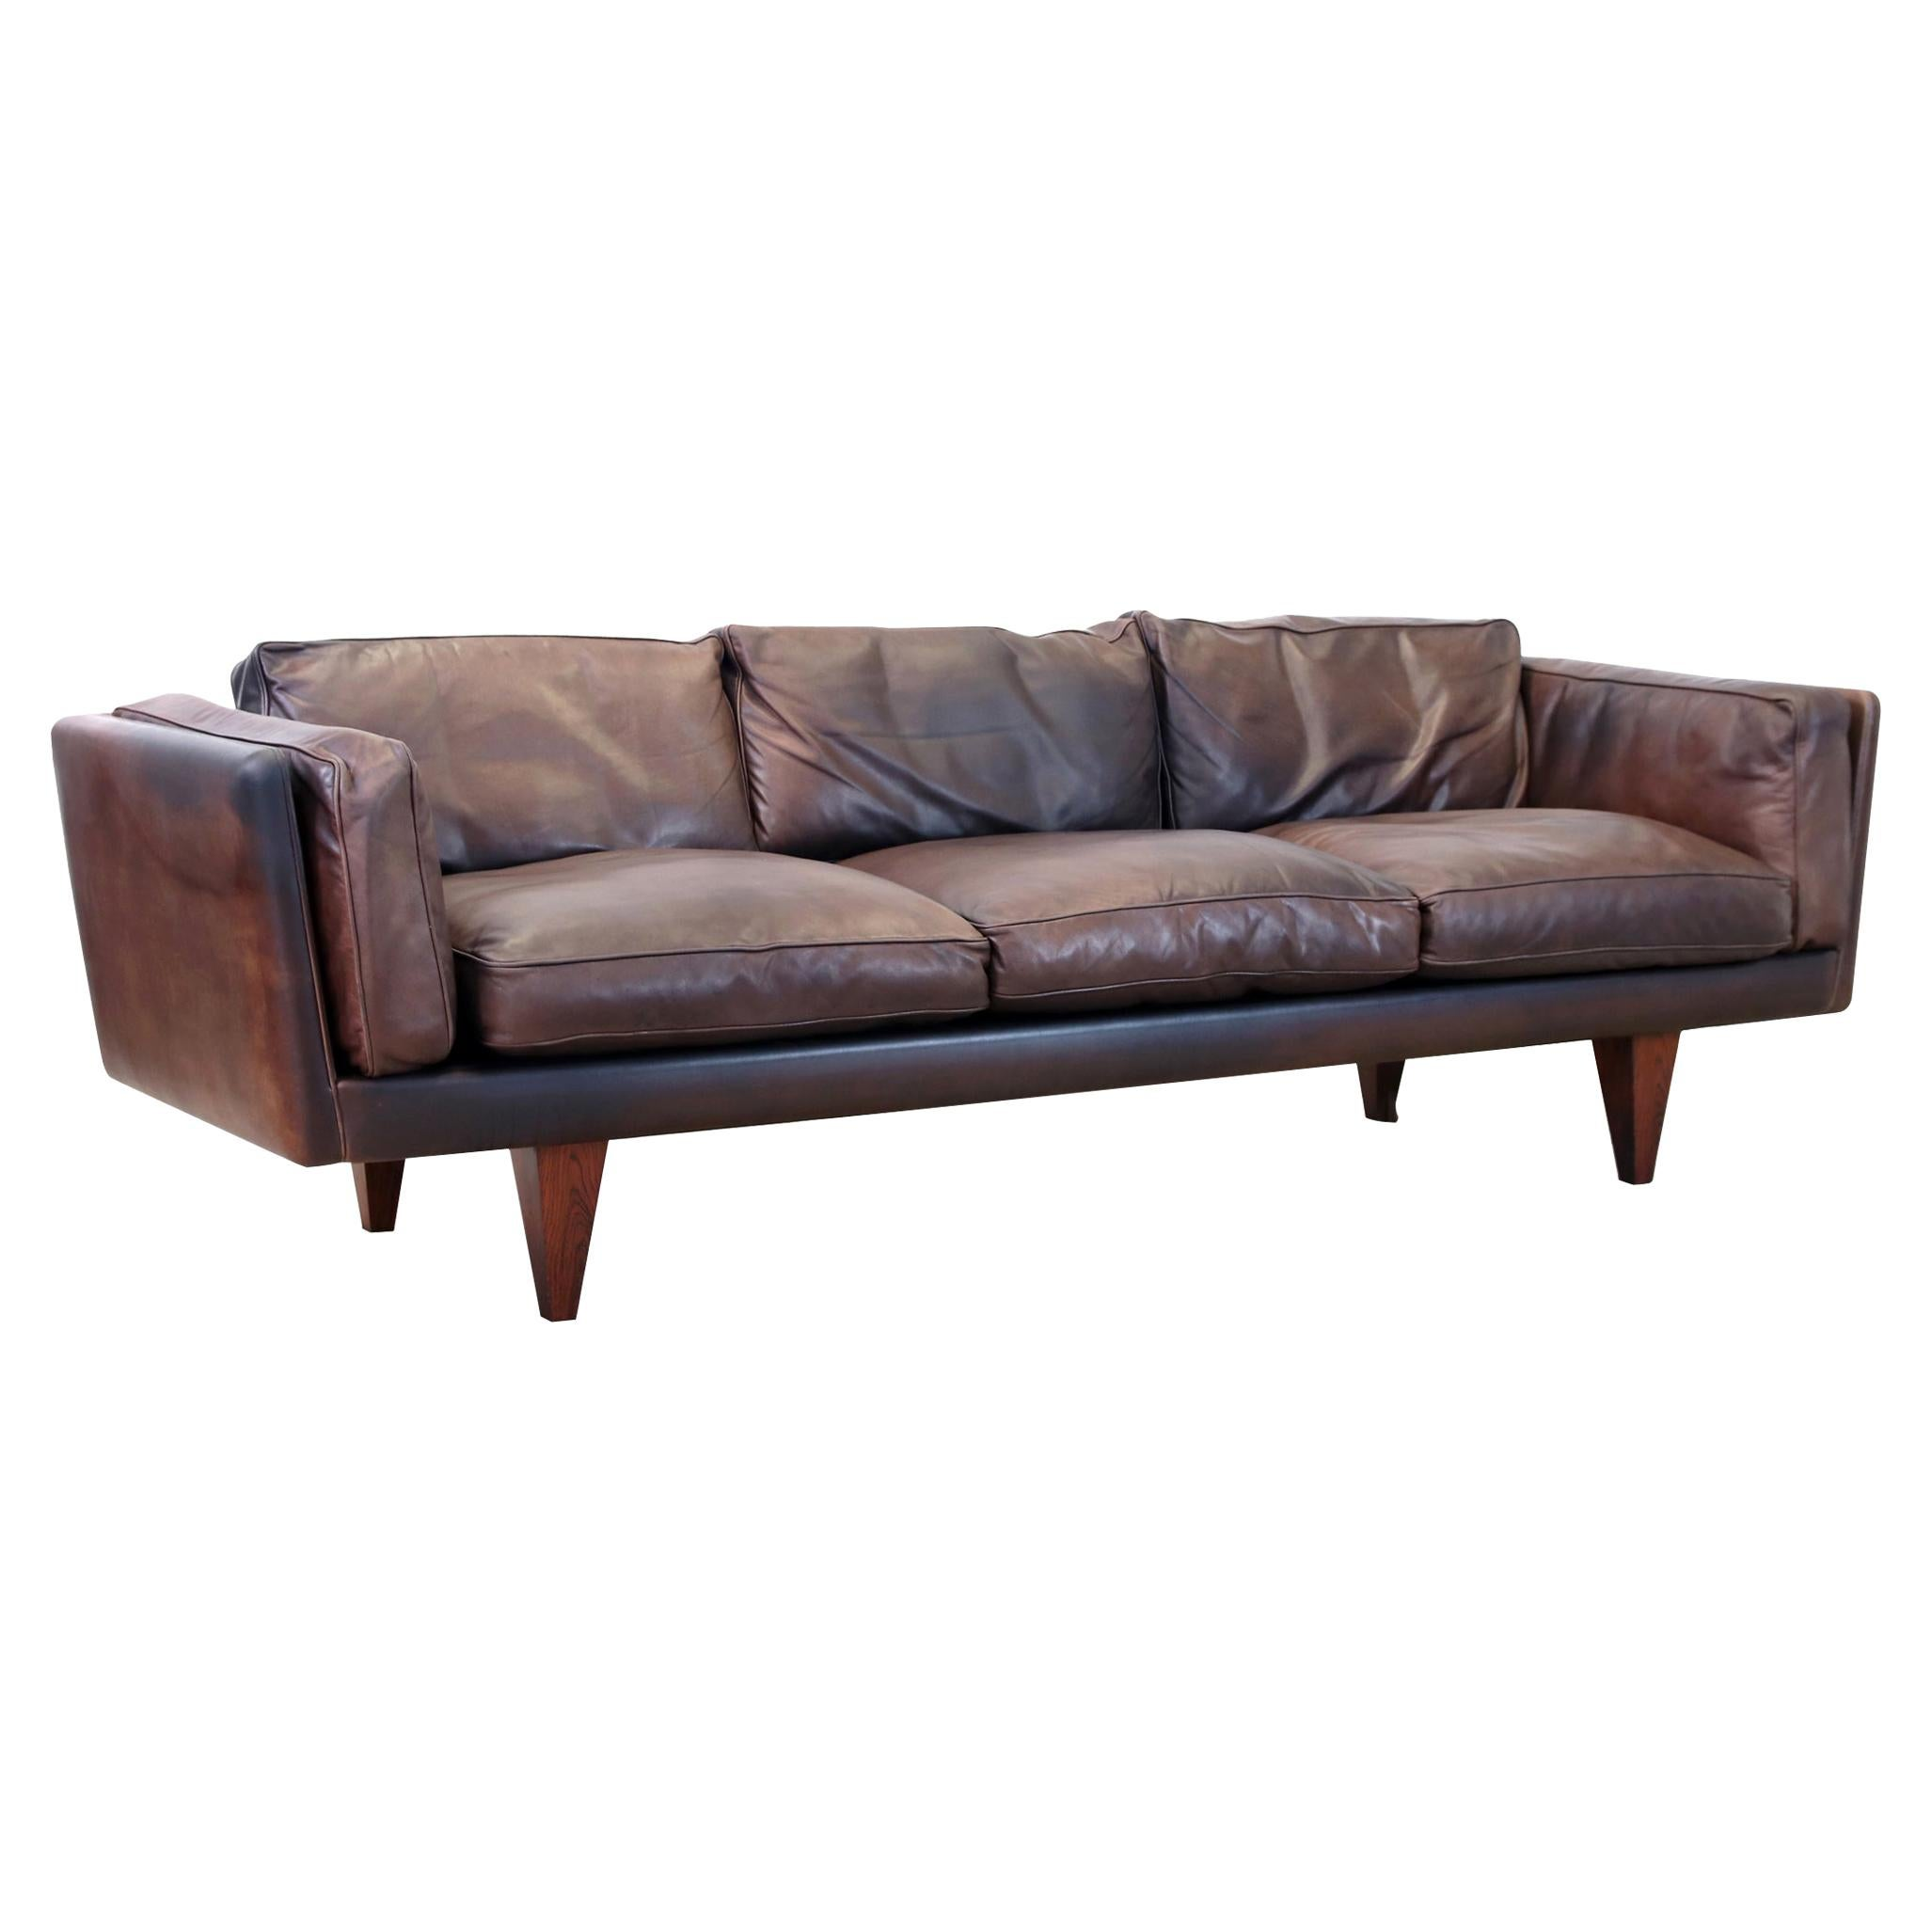 Illum Wikkelsø V11 Brown Leather Three-seat Sofa for Holger Christiansen, 1960s